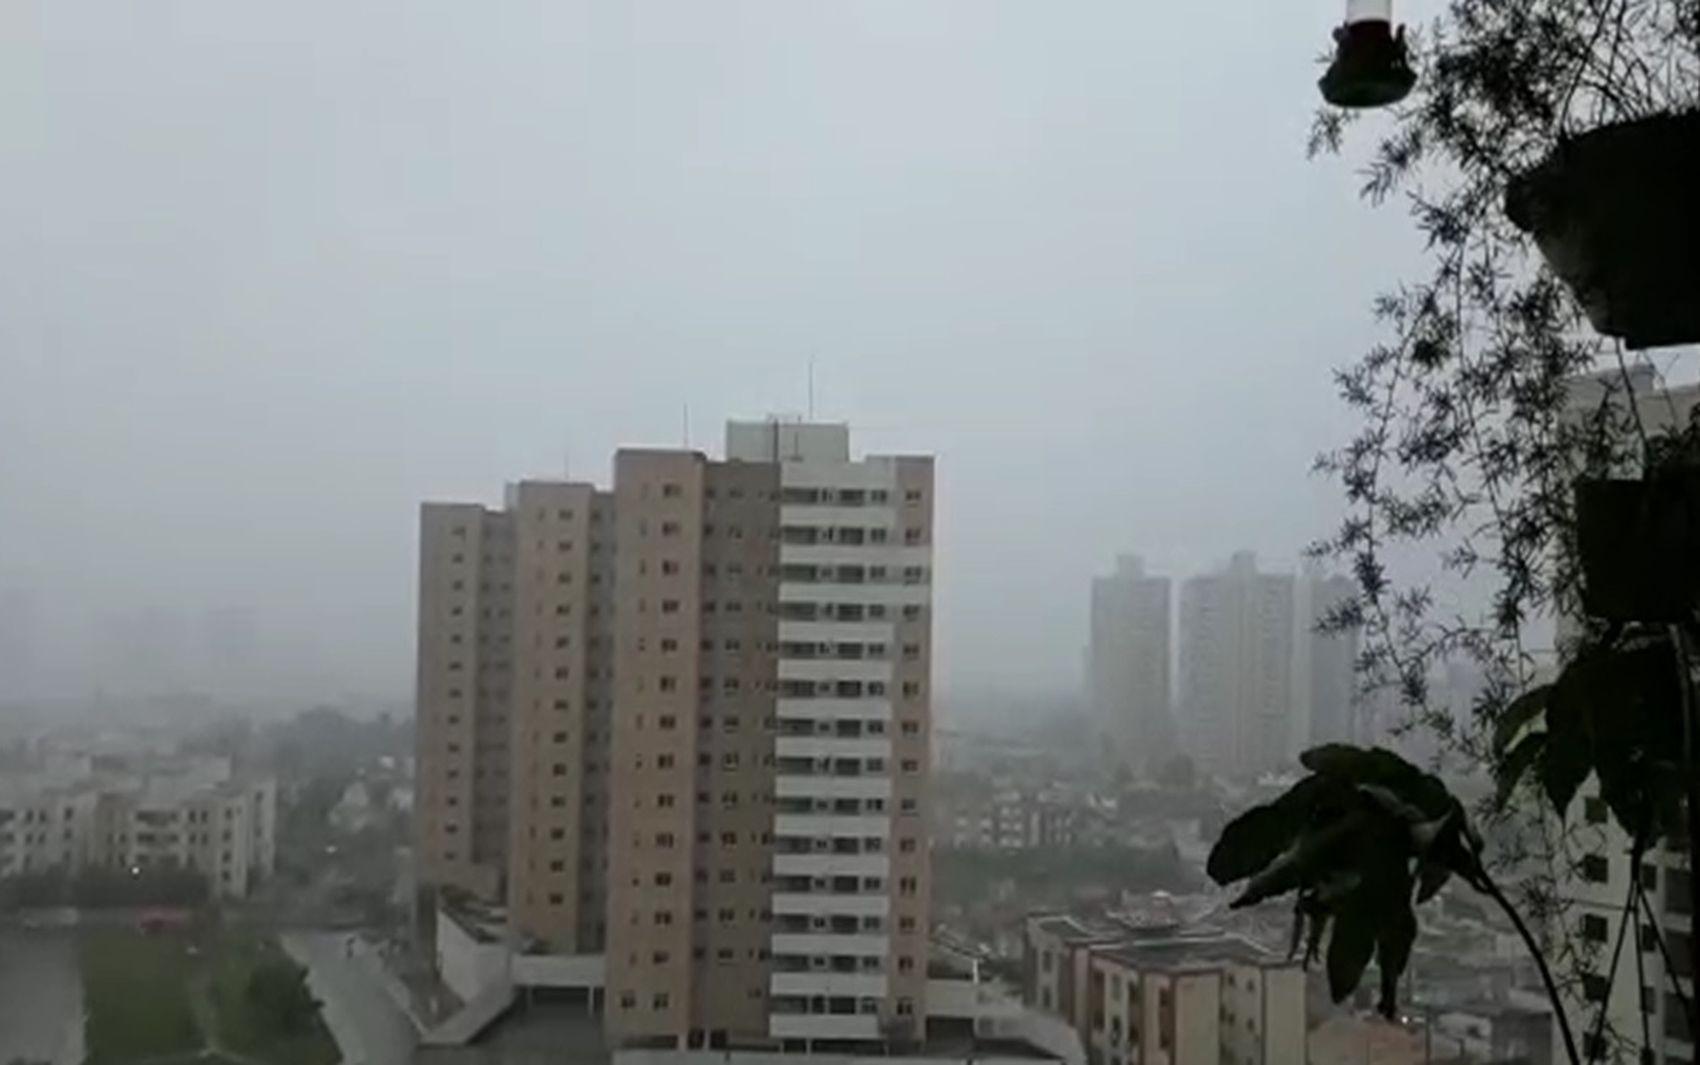 Defesa Civil de Aracaju emite alerta sobre chuvas para as próximas 72 horas - Notícias - Plantão Diário